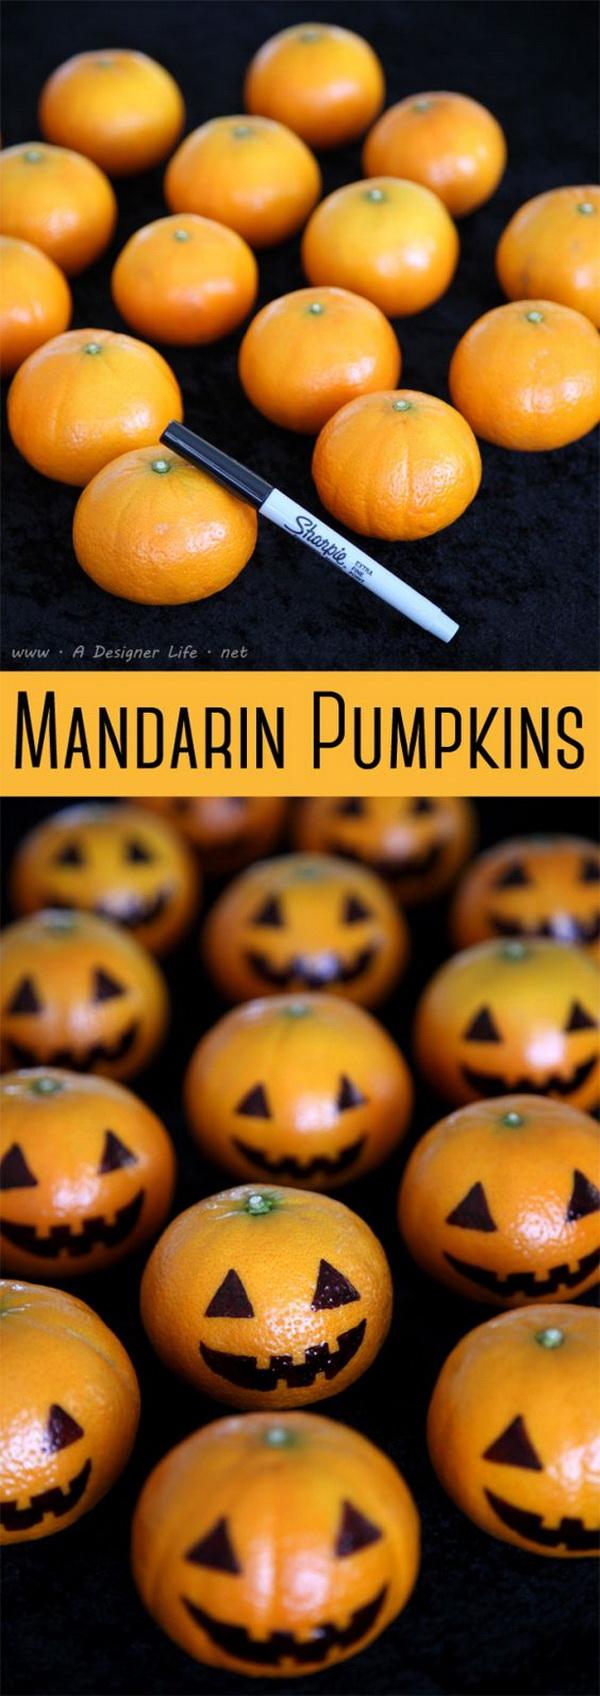 Mandarin Pumpkin Halloween Fruit.